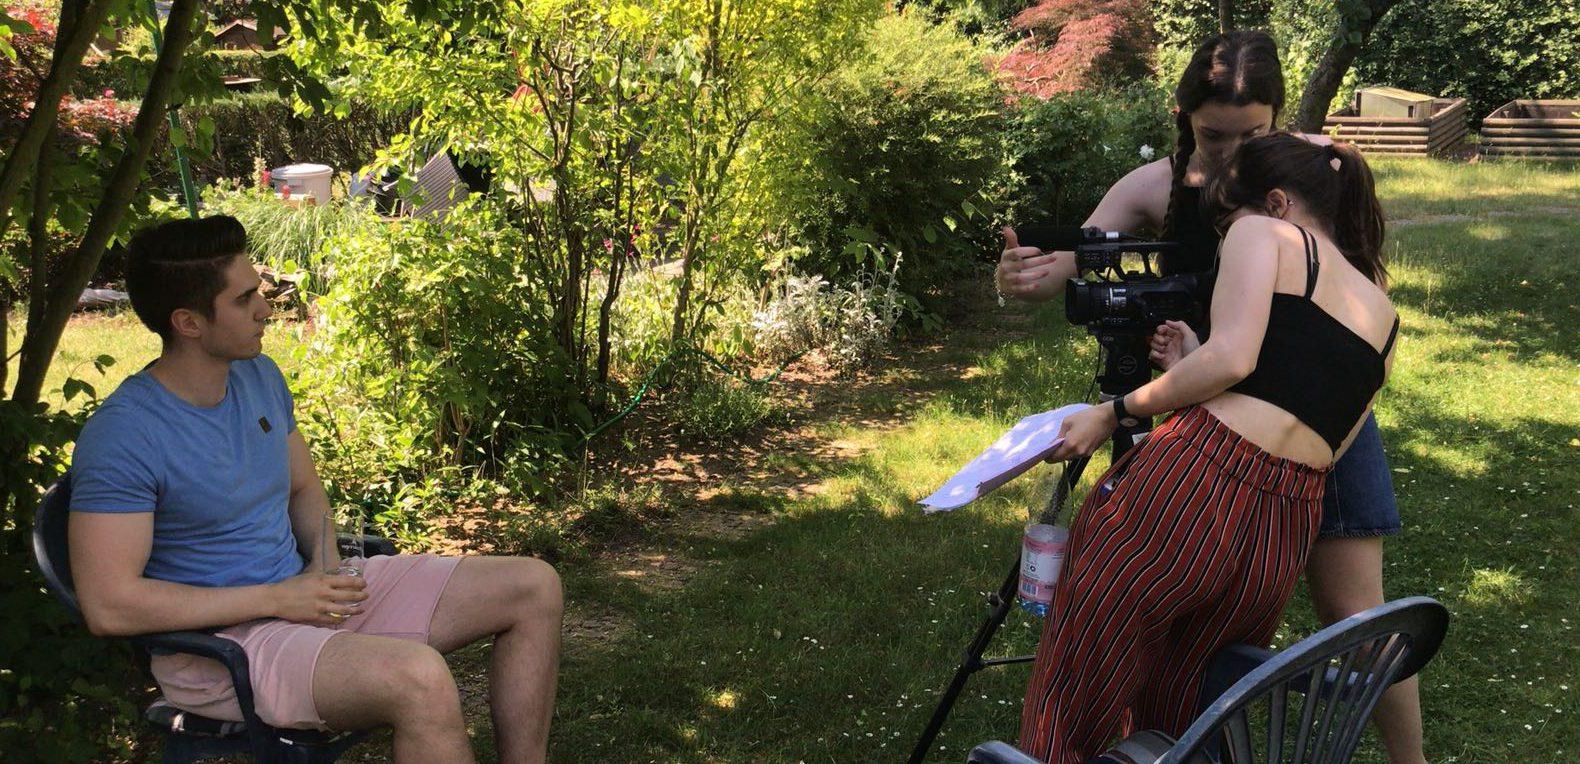 Ein junger Mann sitzt auf einem Stuhl in einem Garten. Zwei junge Frauen filmen ihn.